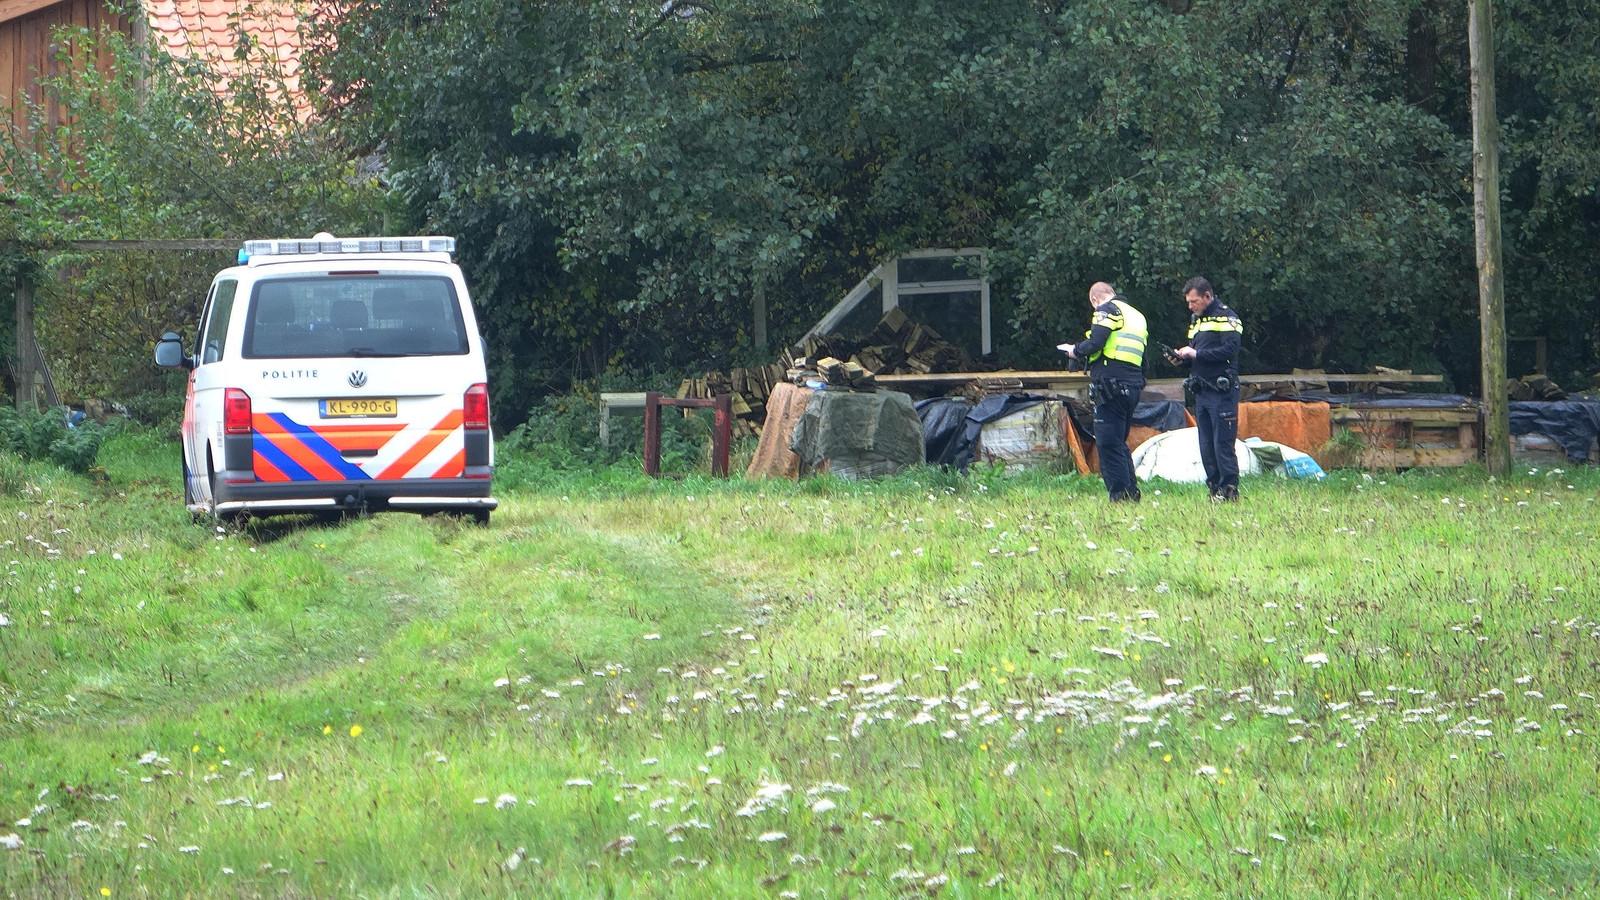 De politie doet onderzoek bij het huis waar de vader met de kinderen werden aangetroffen.